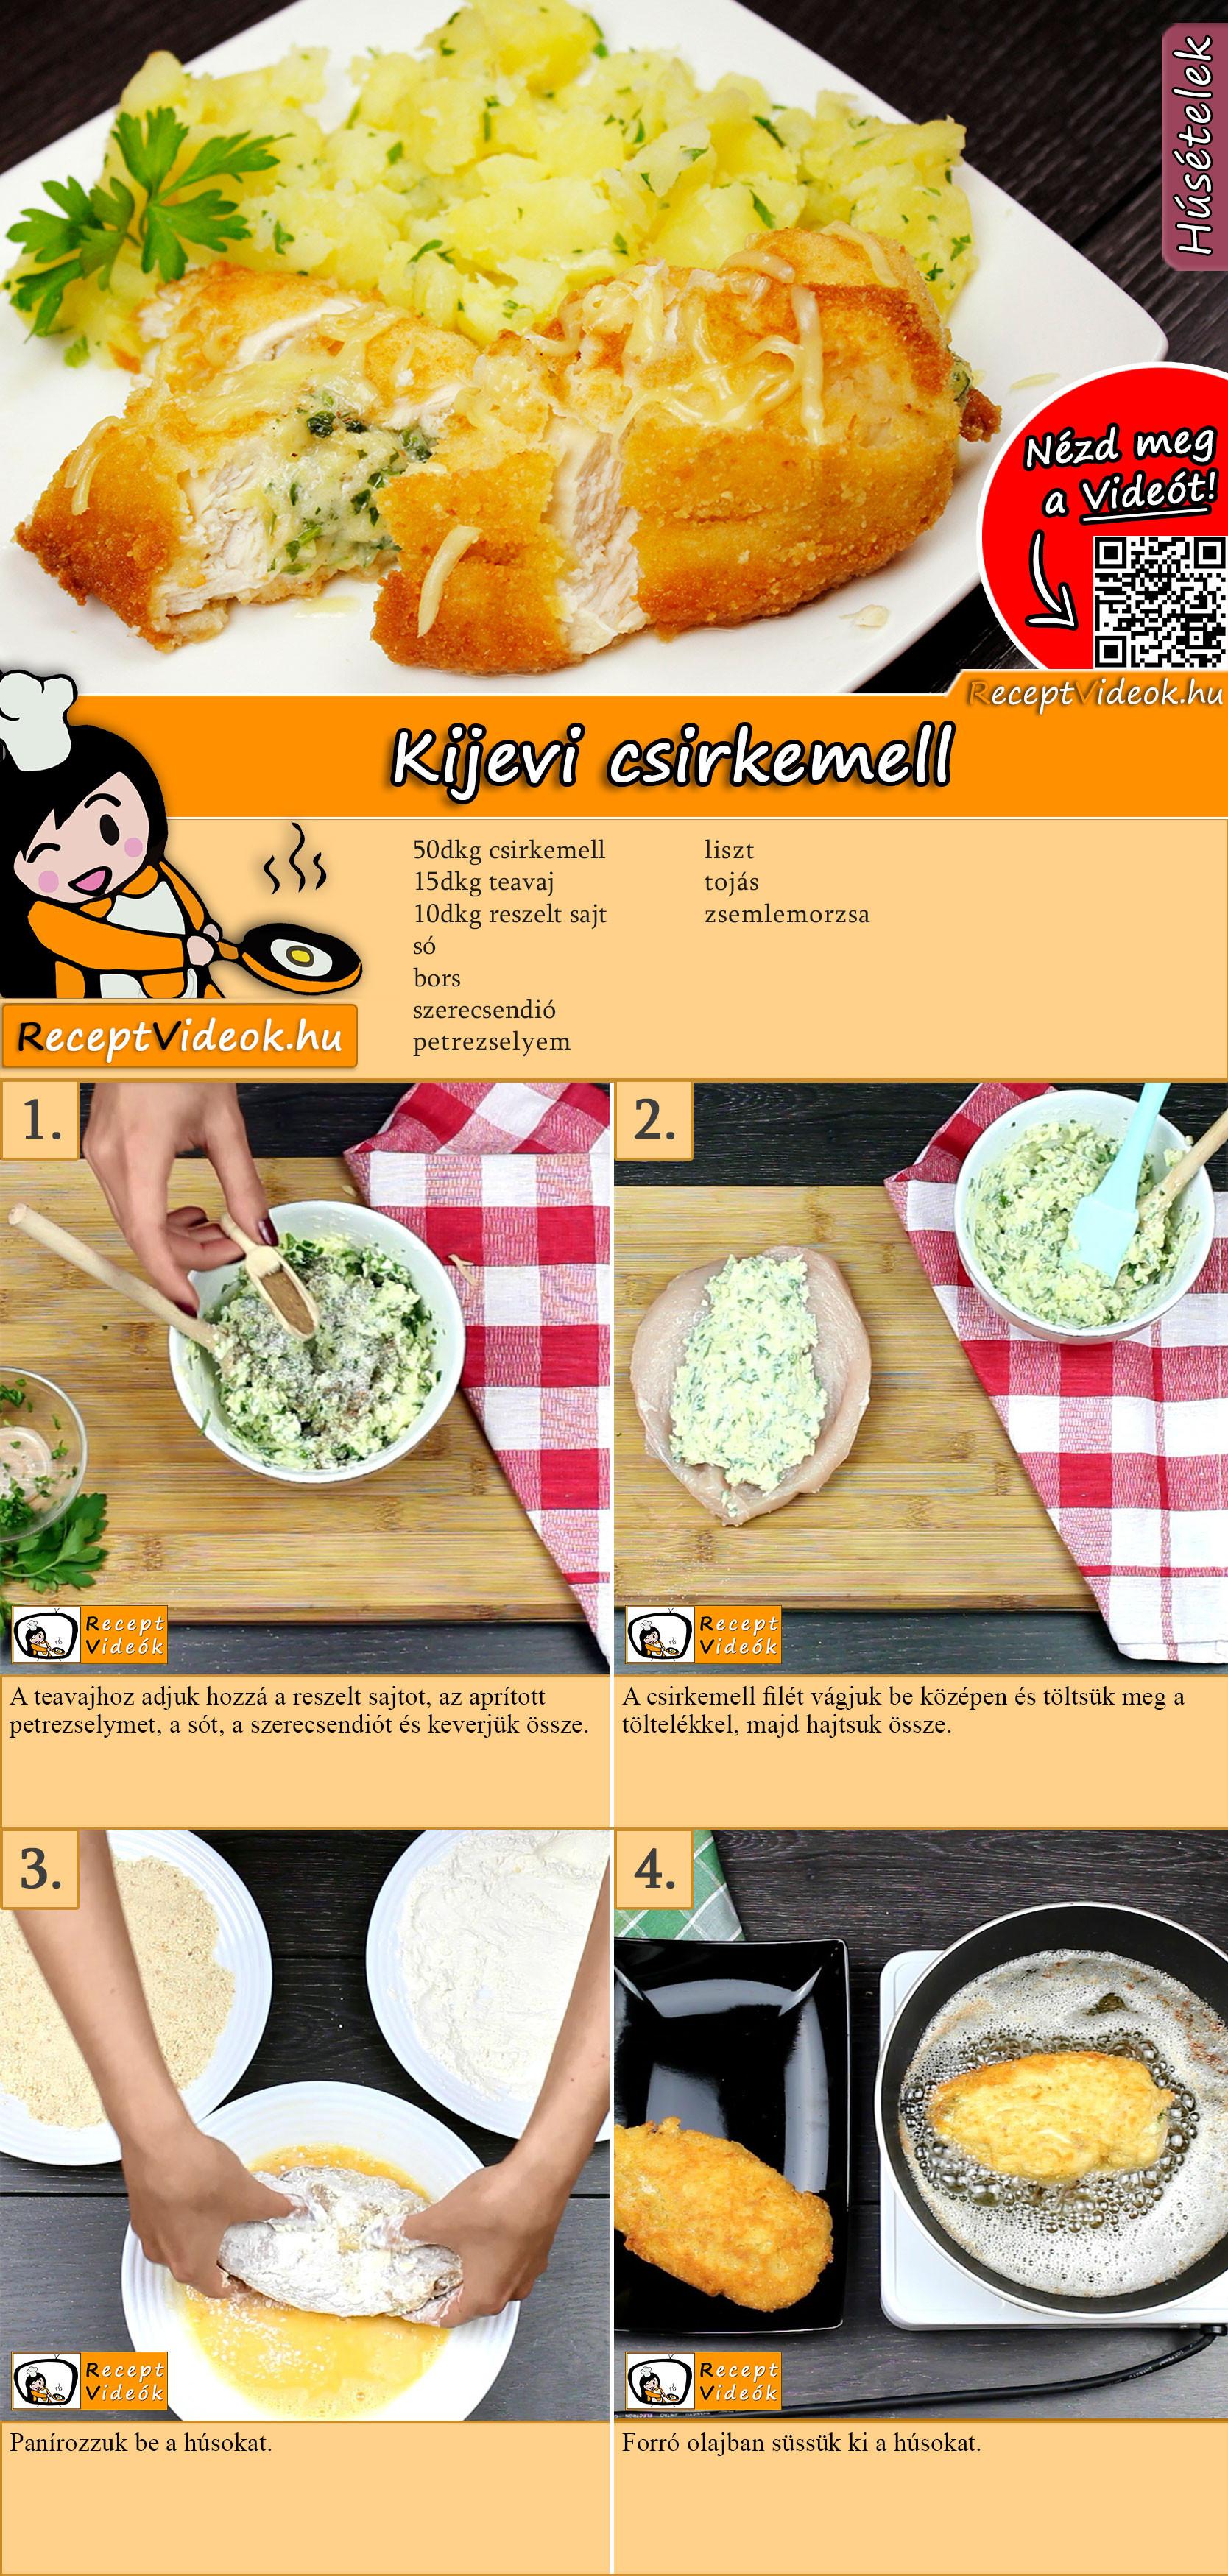 Kijevi csirkemell recept elkészítése videóval